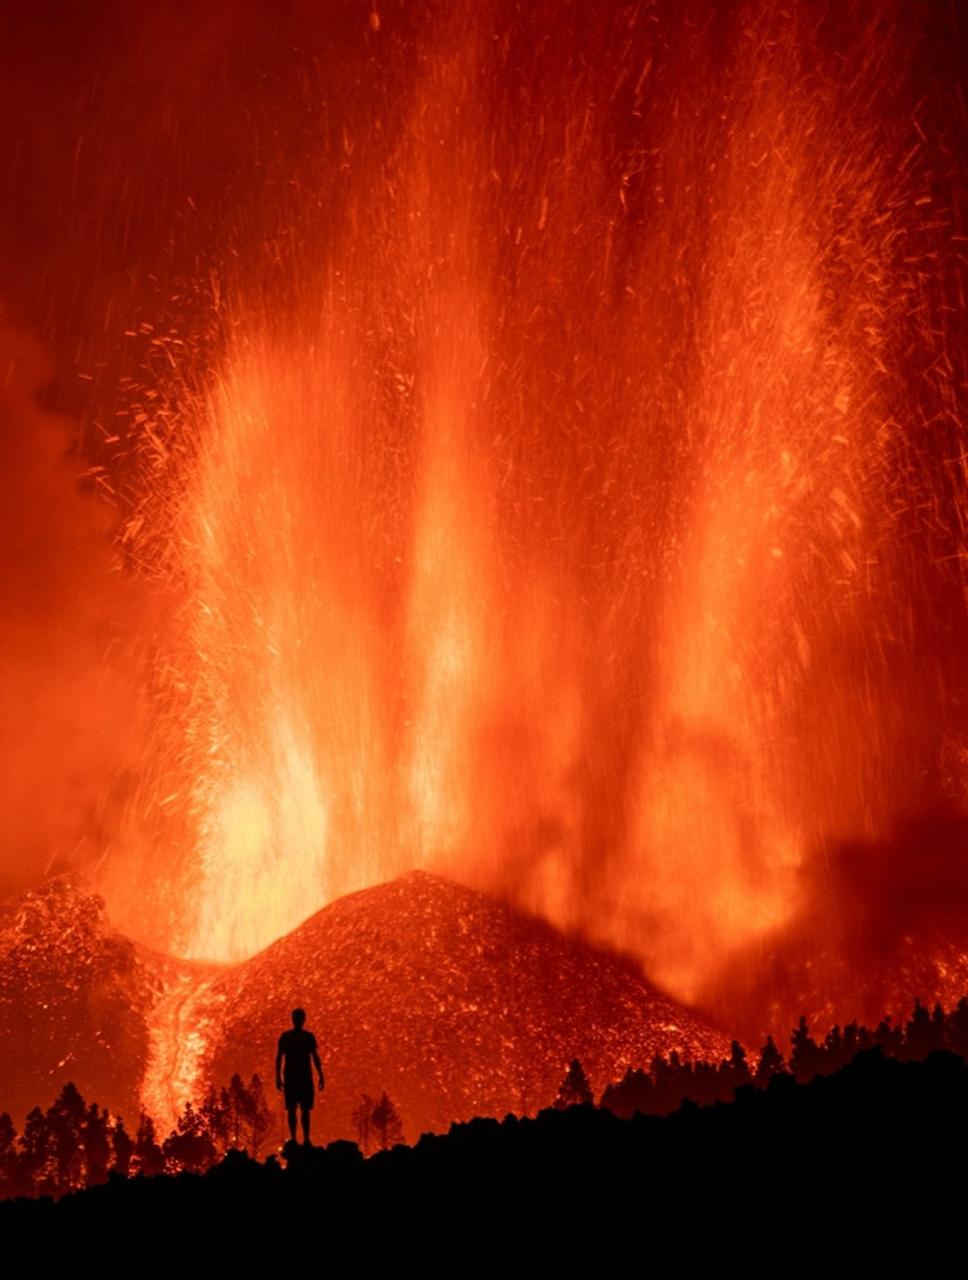 Es imposible predecir con exactitud cuánto durará la erupción de La Palma